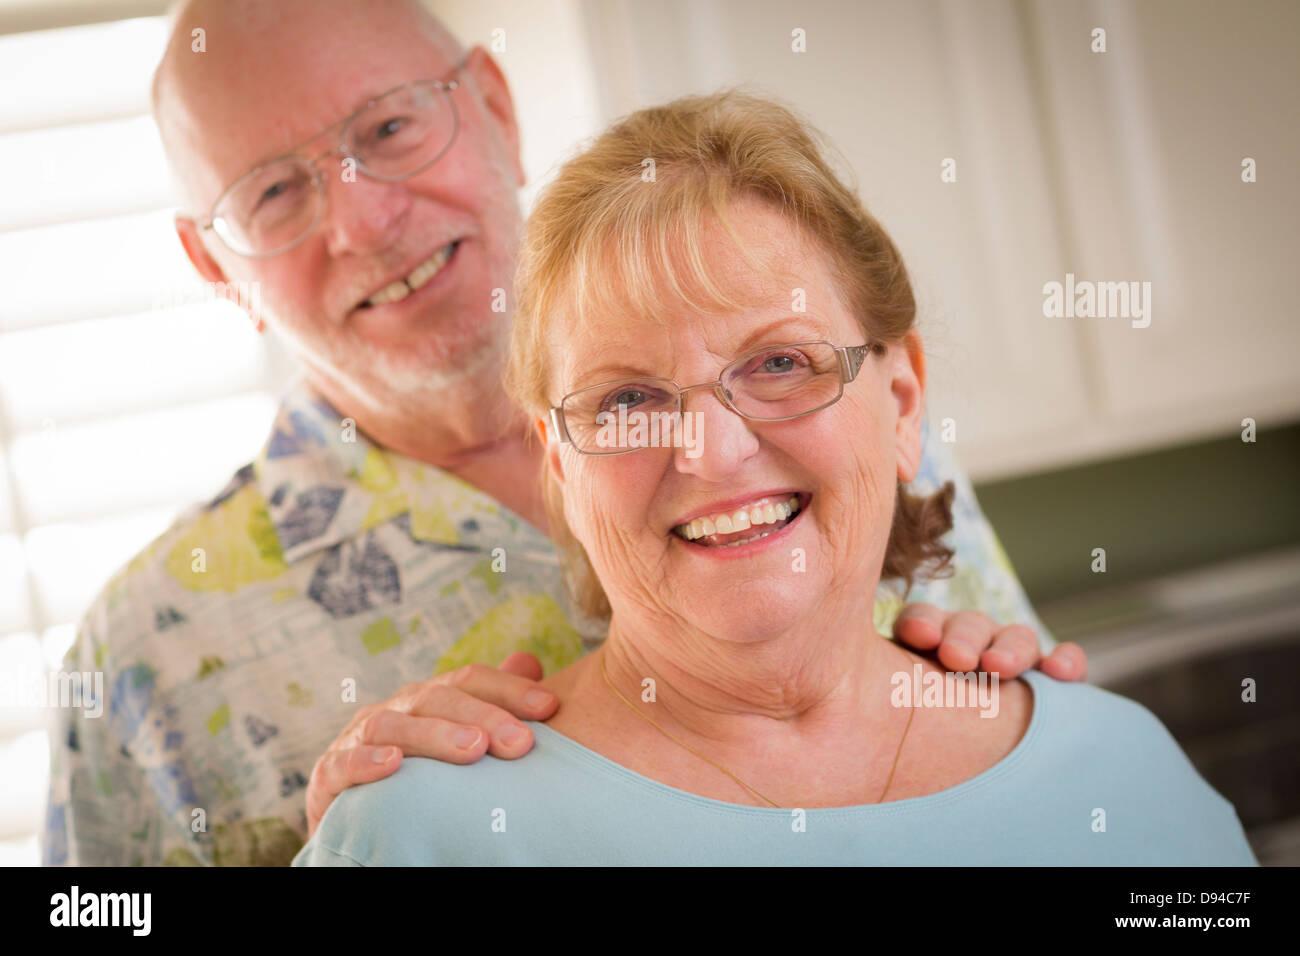 Felice Caucasian coppia Senior ritratto all'interno della cucina. Immagini Stock